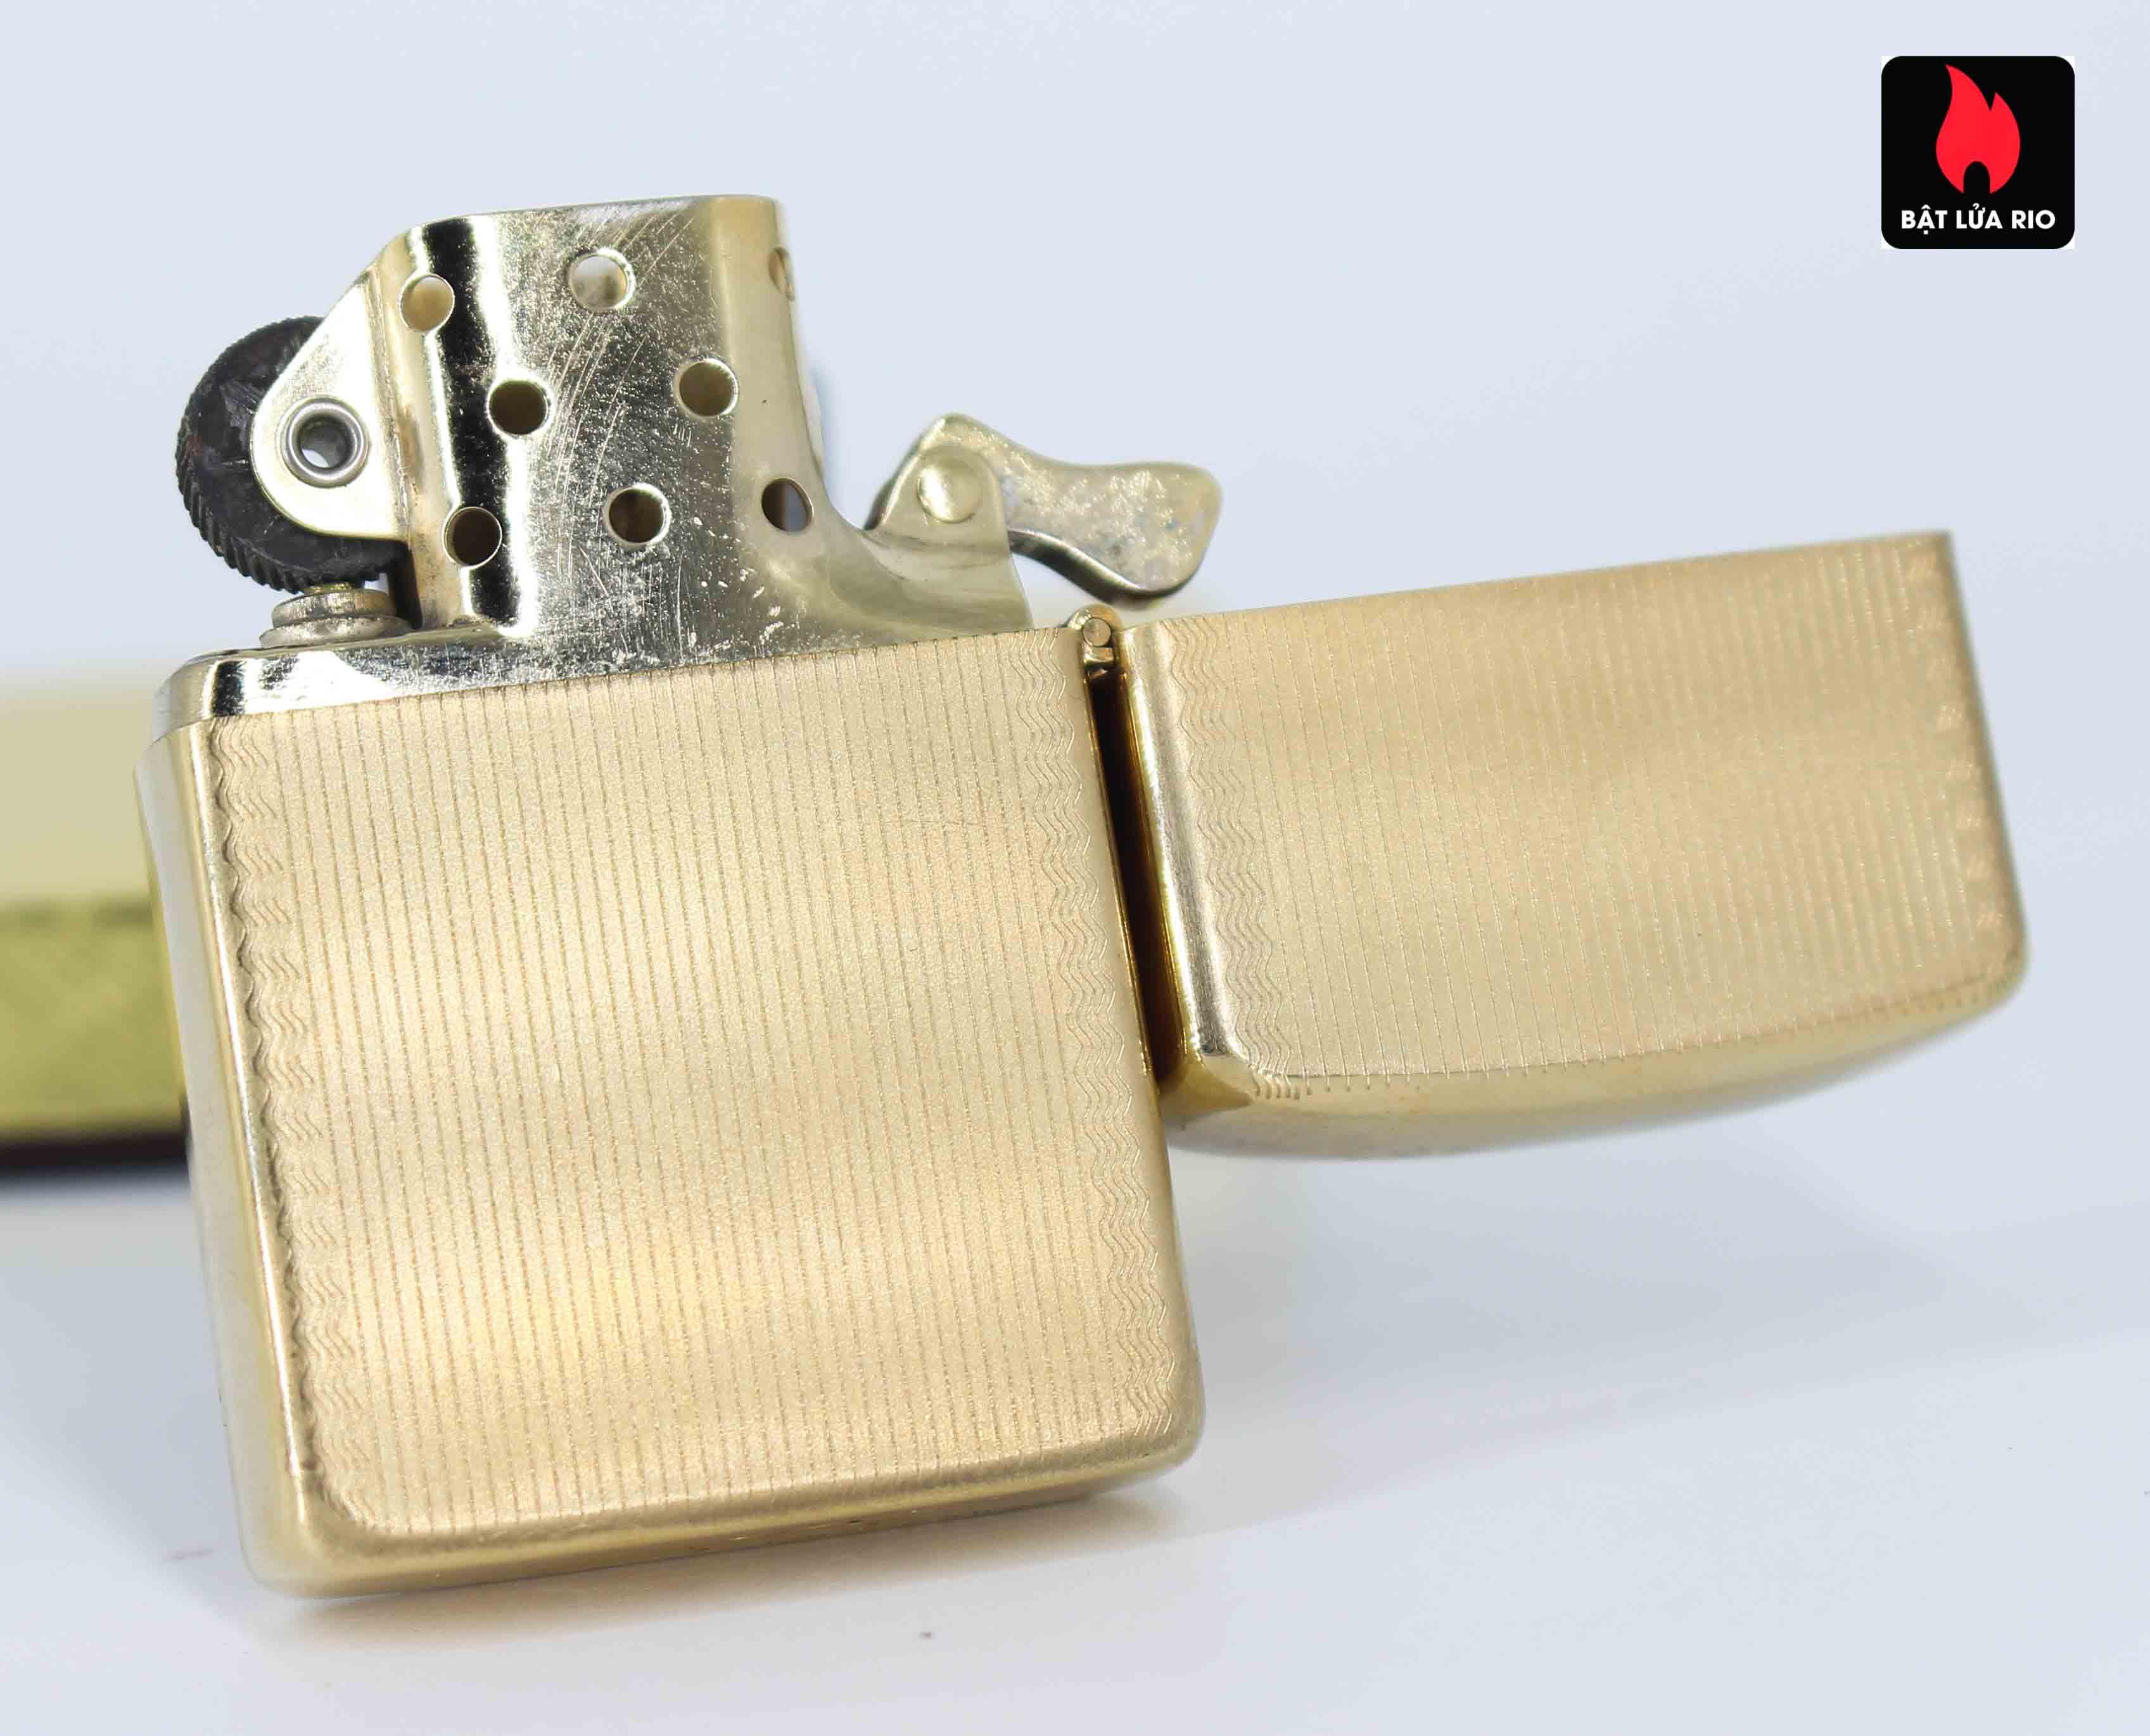 Zippo 1960s – 10K Gold Filled – Bọc Vàng 10K – Hoa Văn Sang Trọng 9